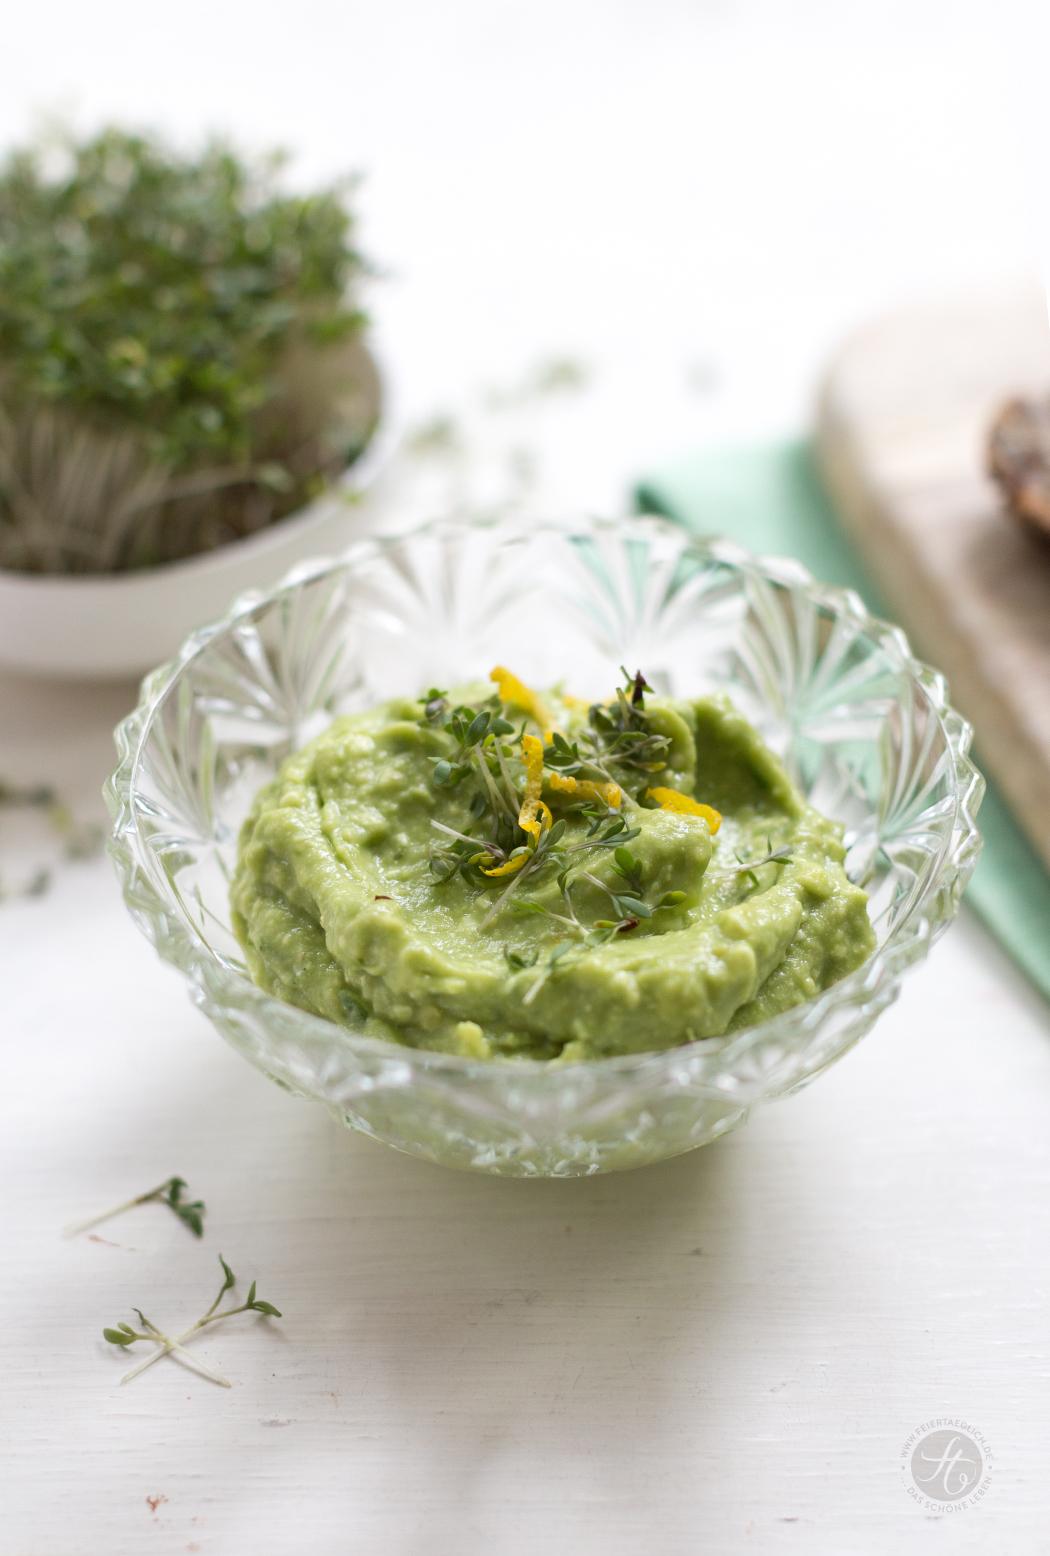 Avocado-Zitronen-Feta-Creme und Kresse, Rezept für gesunden Avocado-Aufstrich